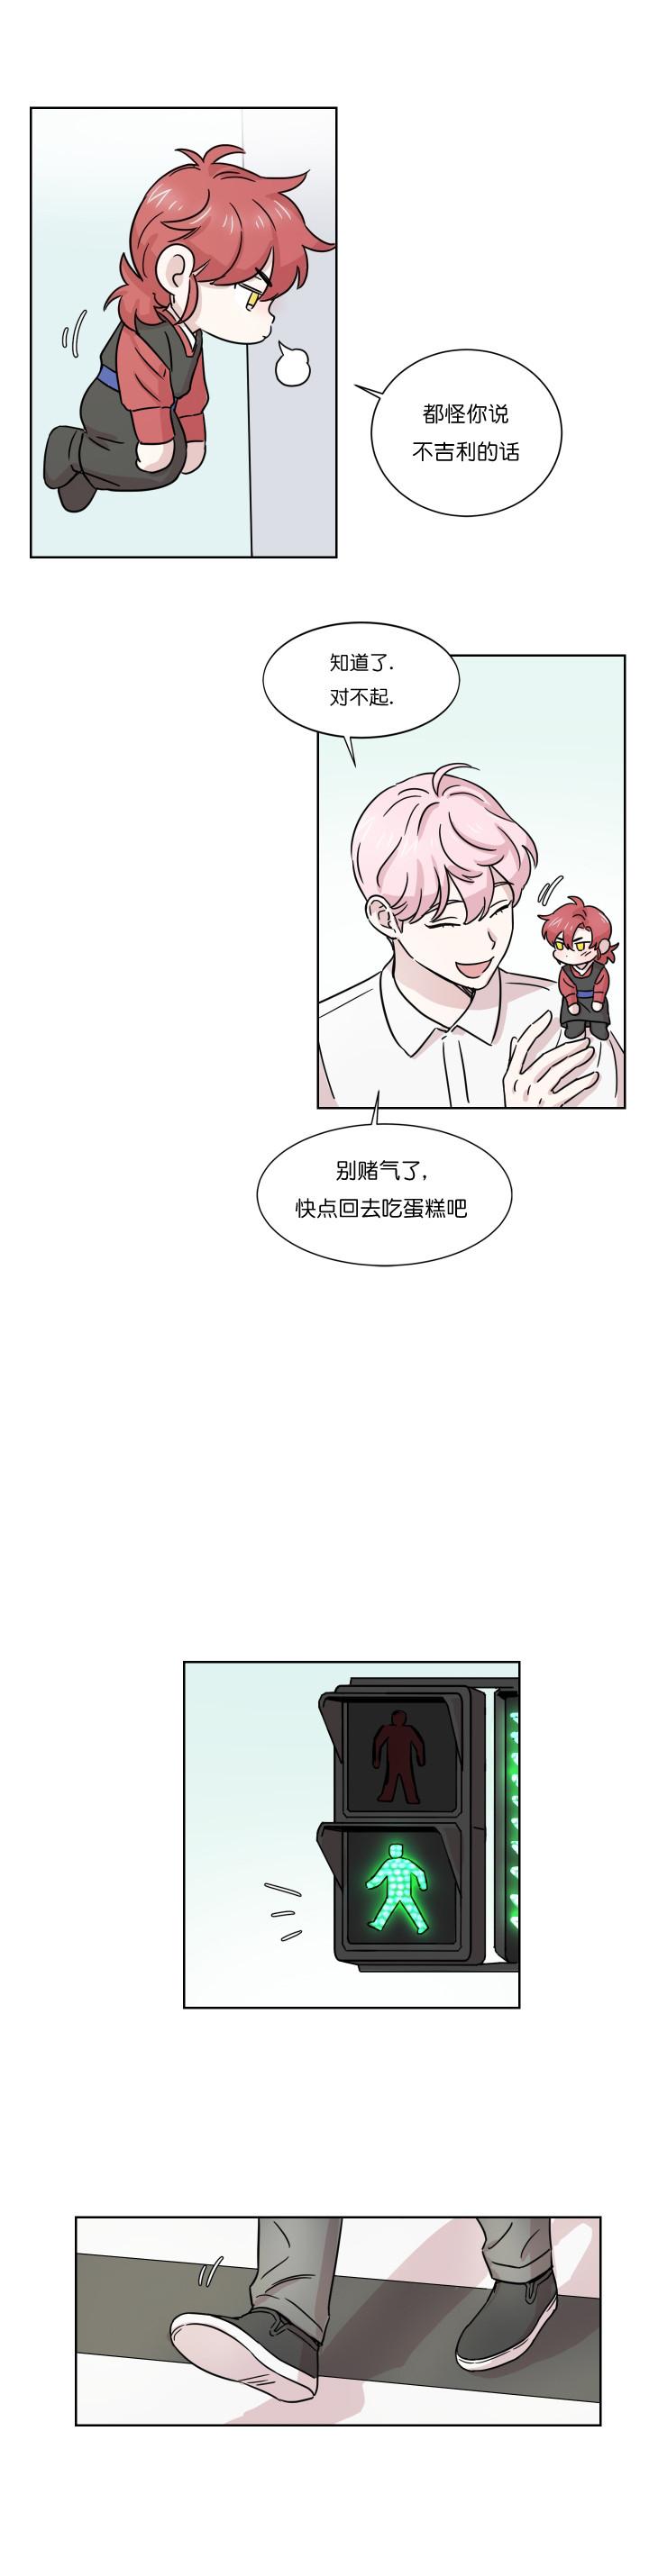 你知道精灵吗-漫画完整版汉化&在线阅读_最新连载首发-啵乐漫画